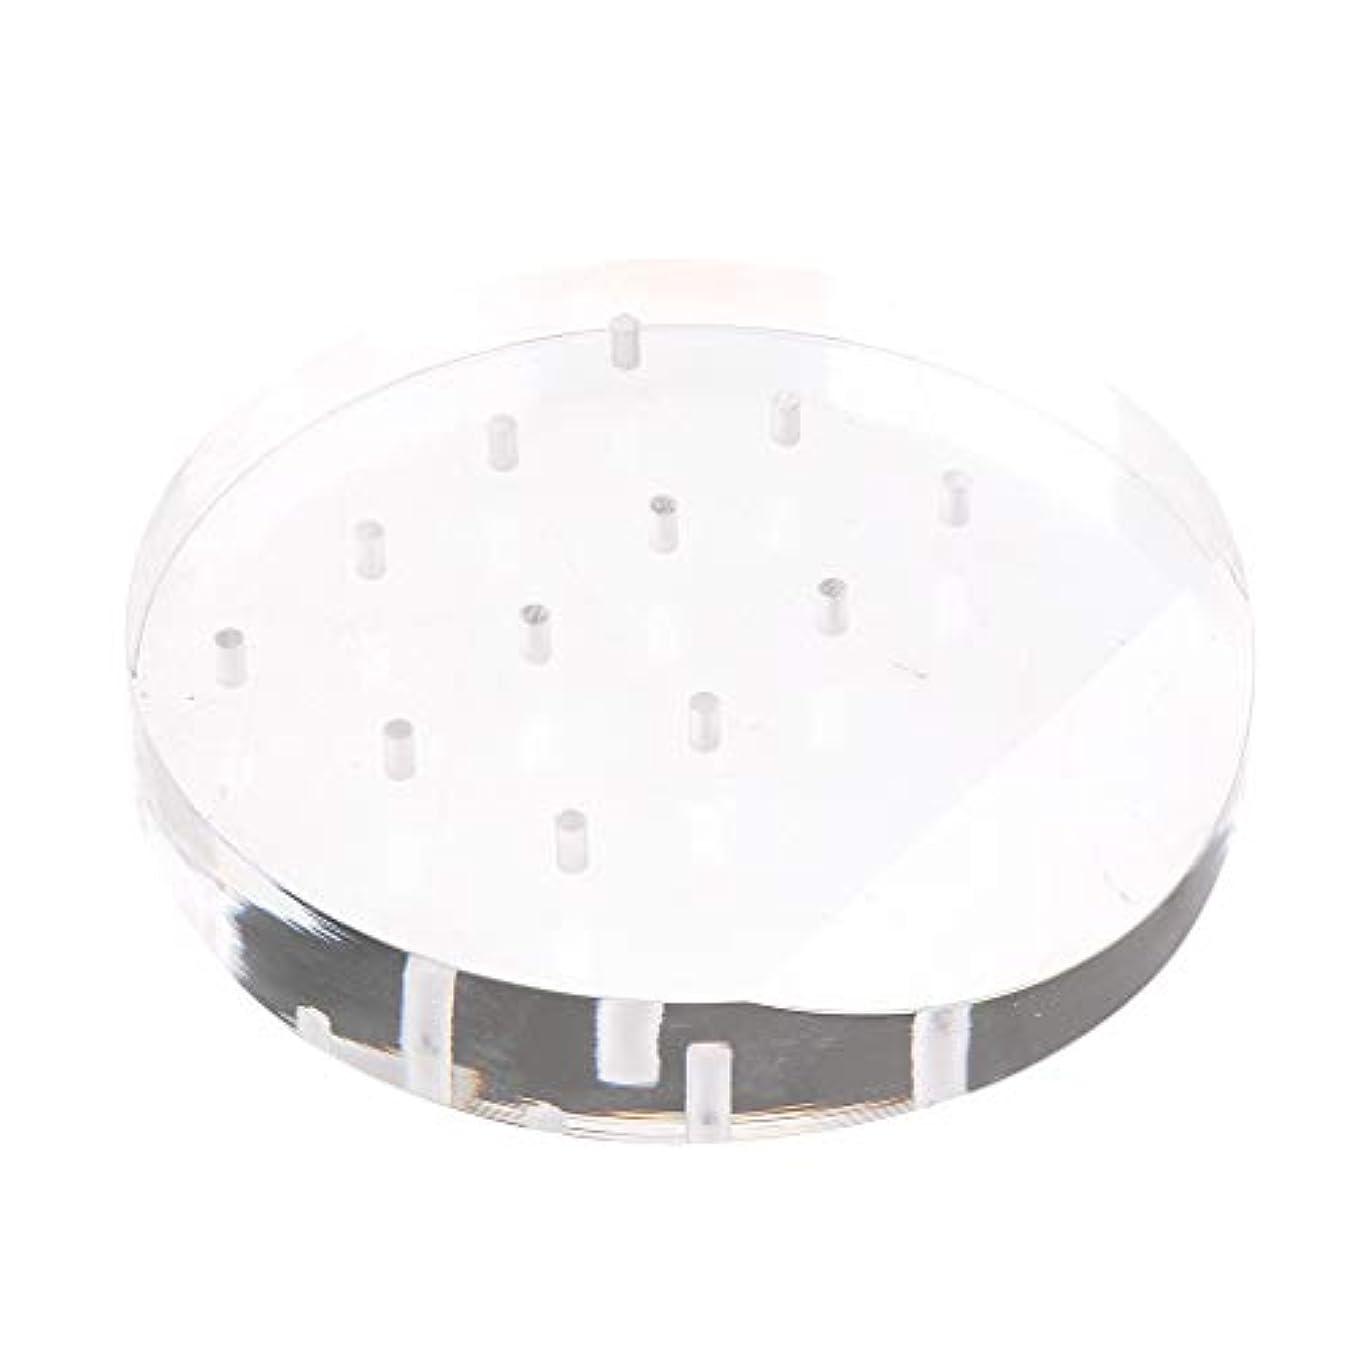 句傾斜ホームレスToygogo アクリルネイルドリルビットディスプレイホルダー透明スタンドオーガナイザーマニキュアツール12穴